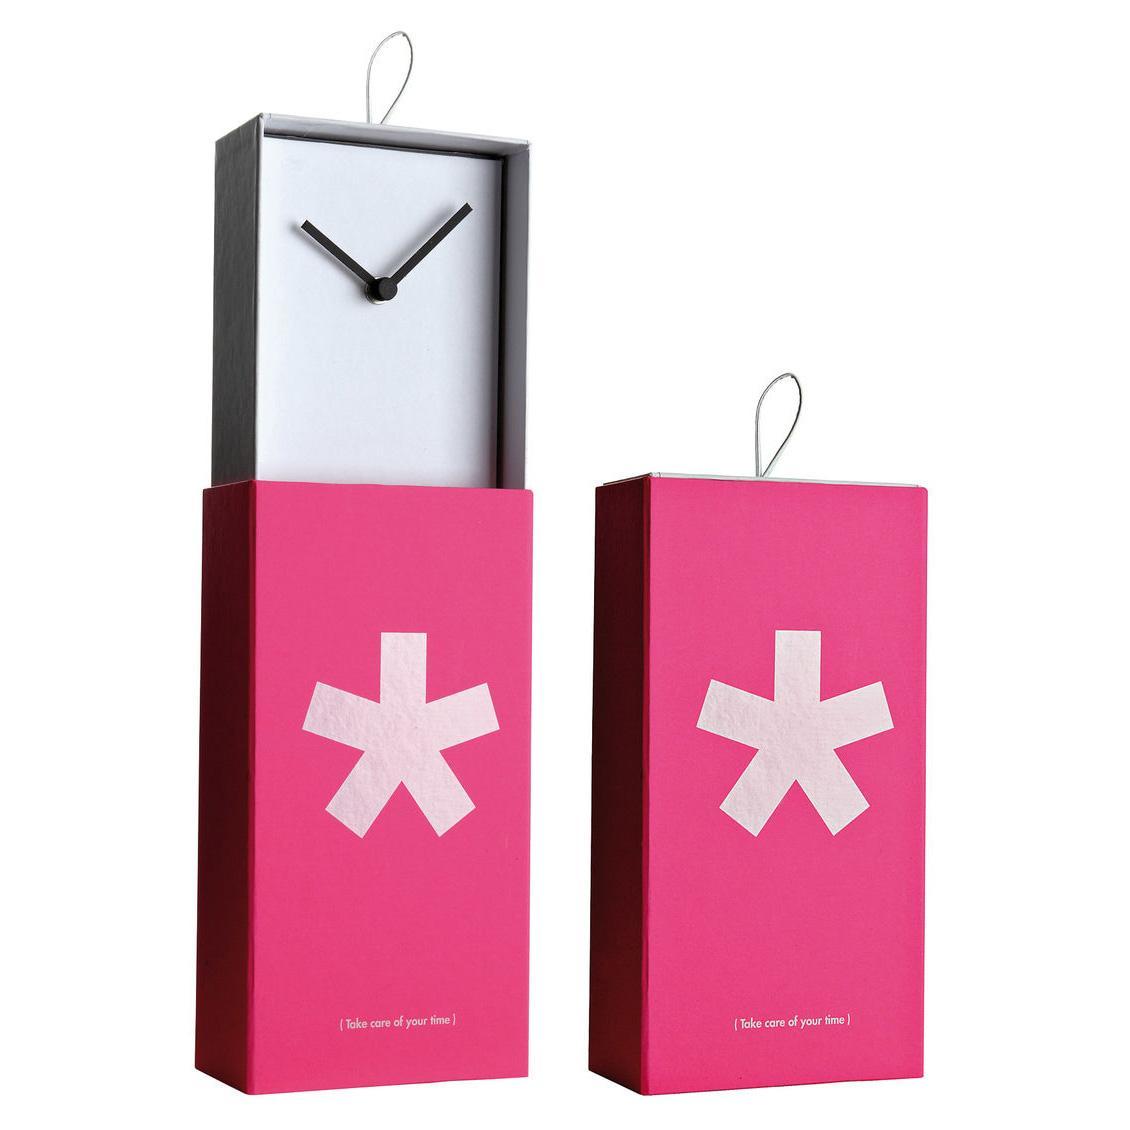 Orologio da parete o da appoggio racchiuso in scatola rettangolare con artwork megenta con asterisco bianco